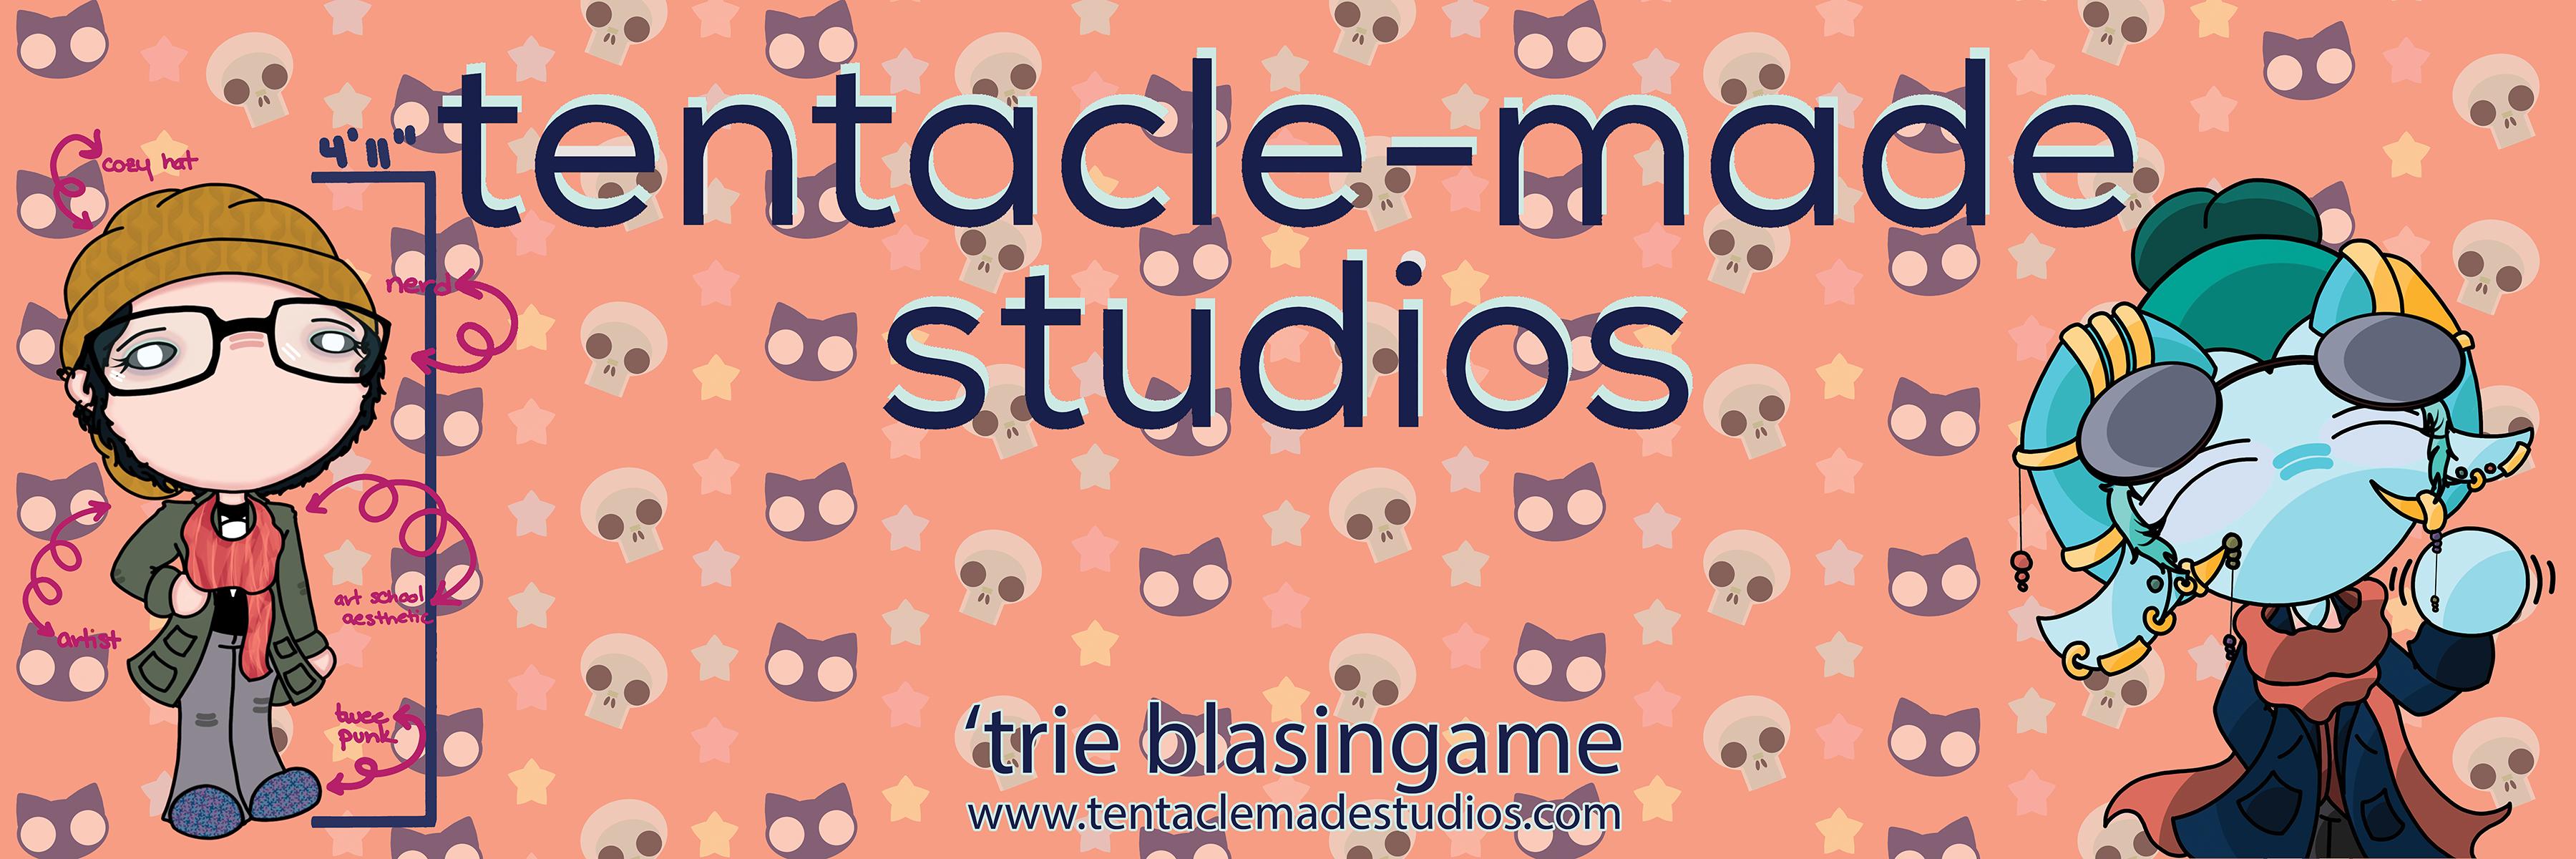 tentacle-made studios